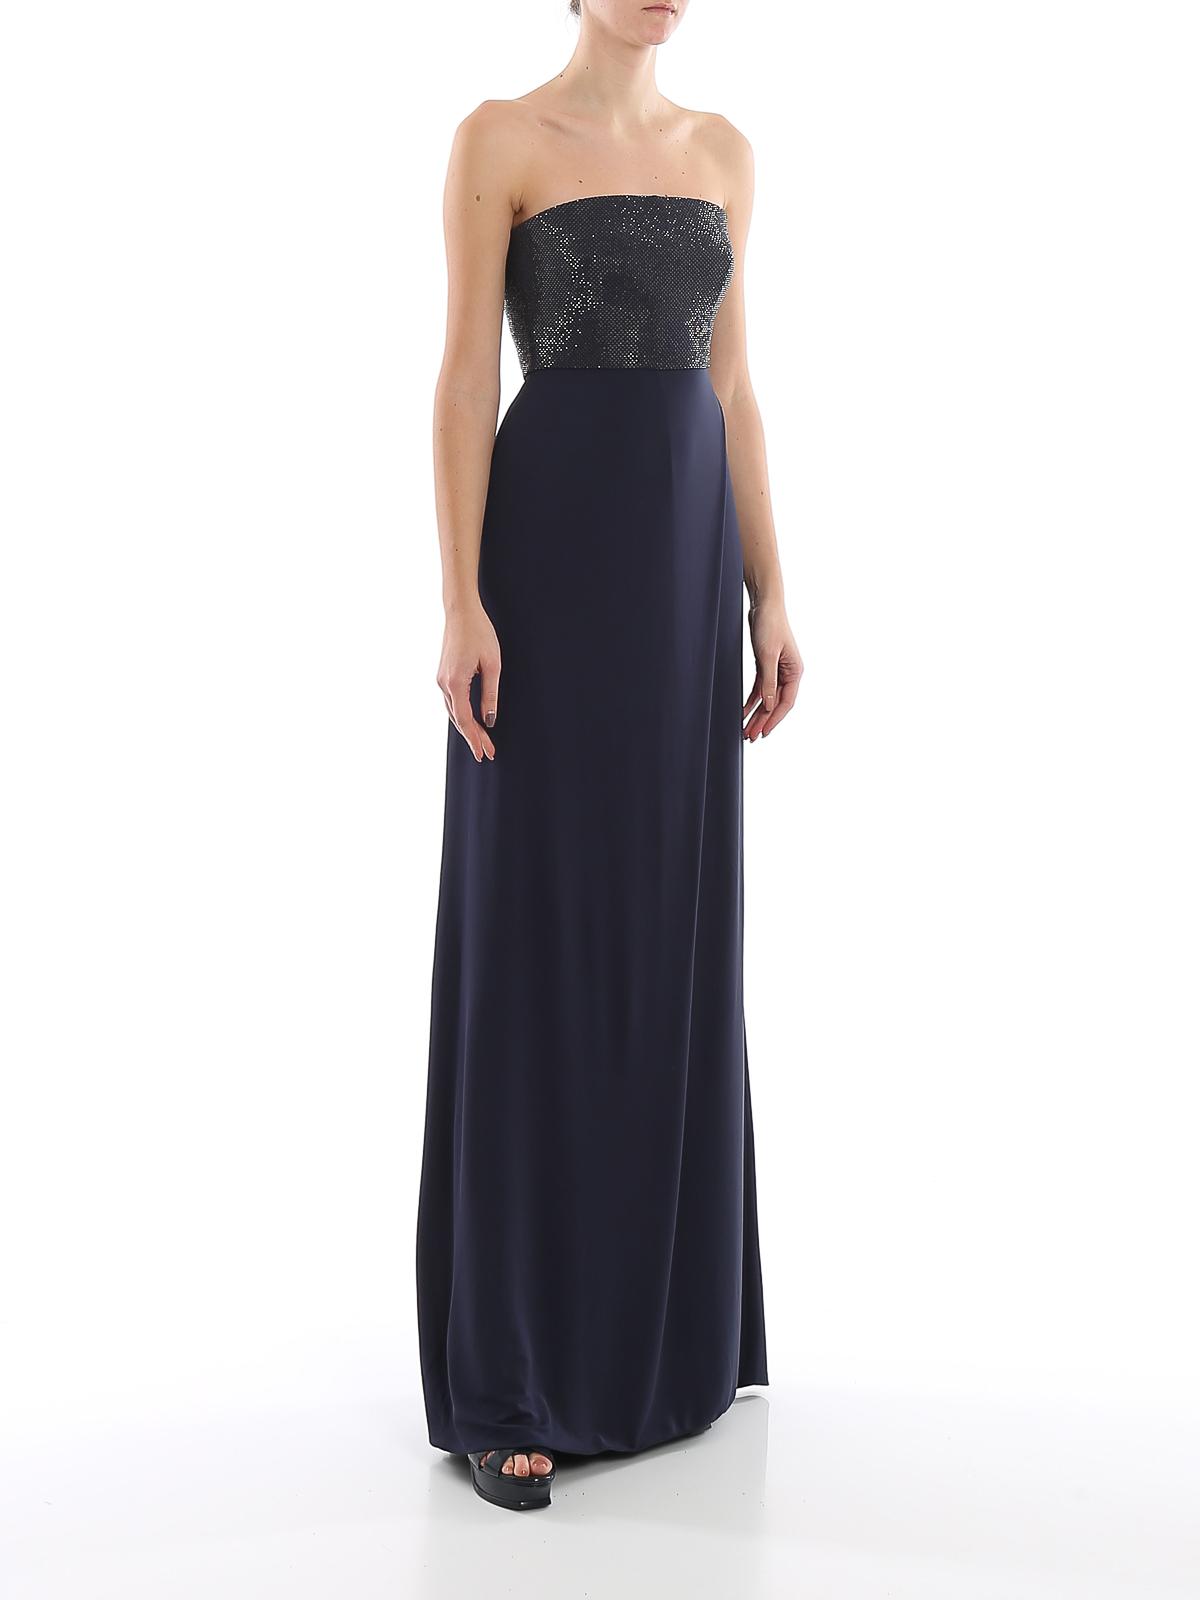 Emporio Armani - Abendkleid - Dunkelblau - Abendkleider